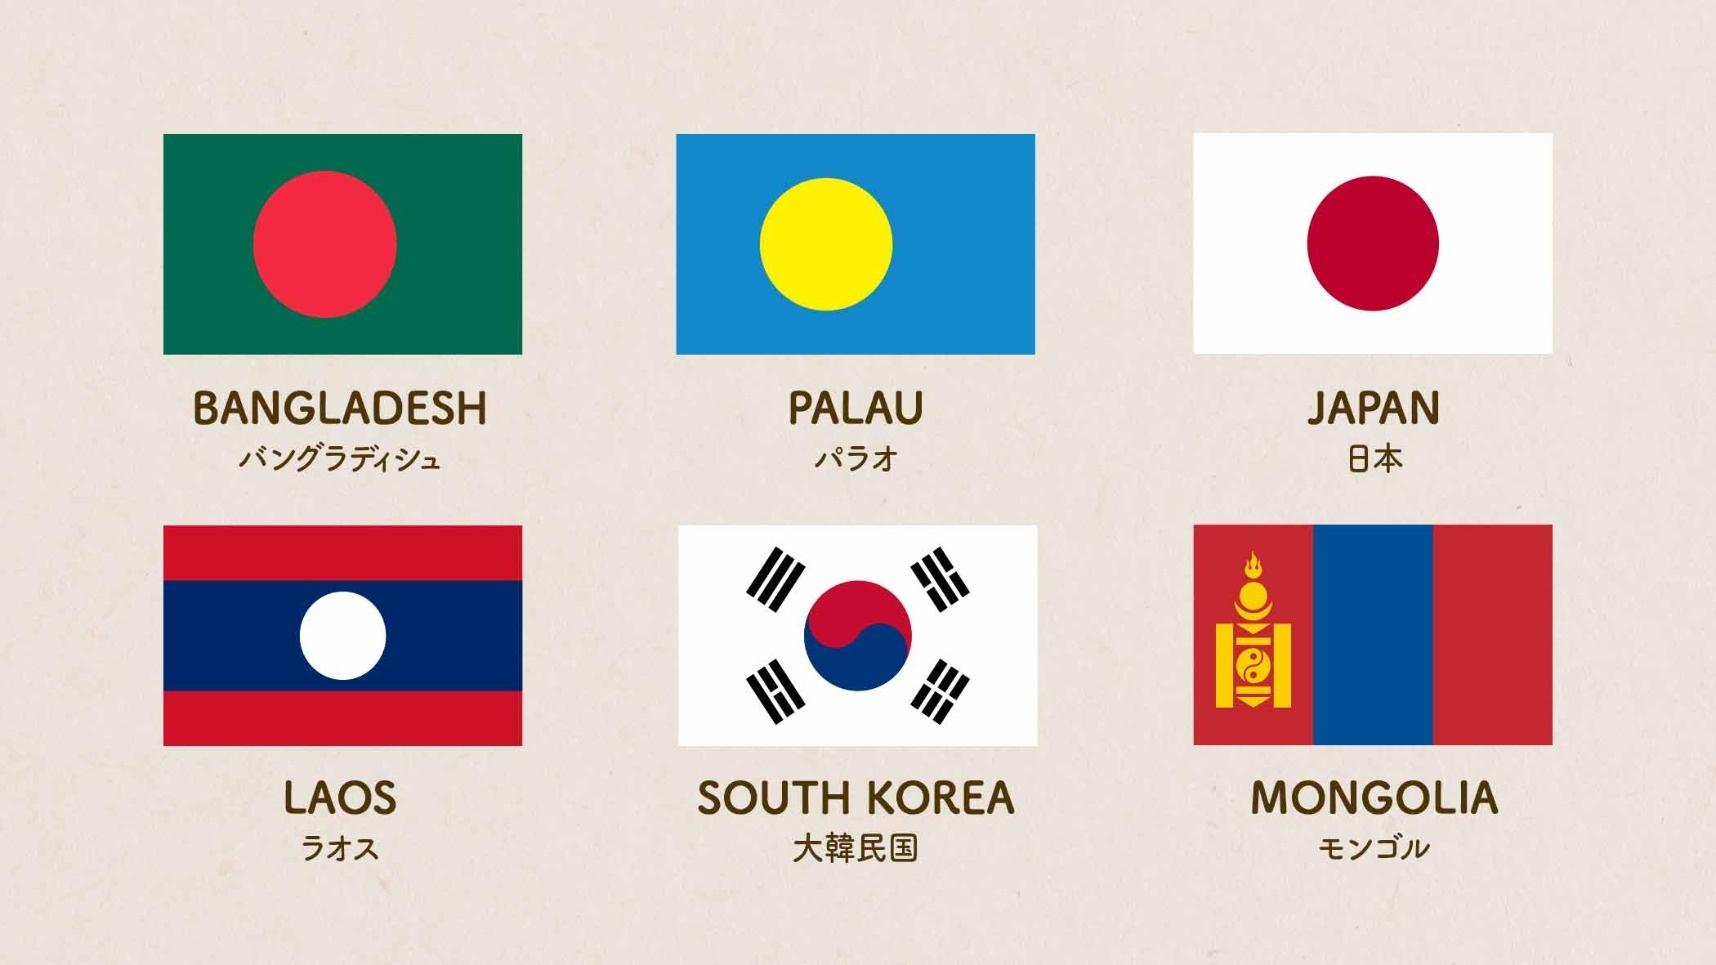 丸・円形のシンボルを使った国旗/BANGLADESH バングラディシュ、PALAU パラオ、JAPAN 日本、LAOS ラオス、SOUTH KOREA 大韓民国、MONGOLIA モンゴル